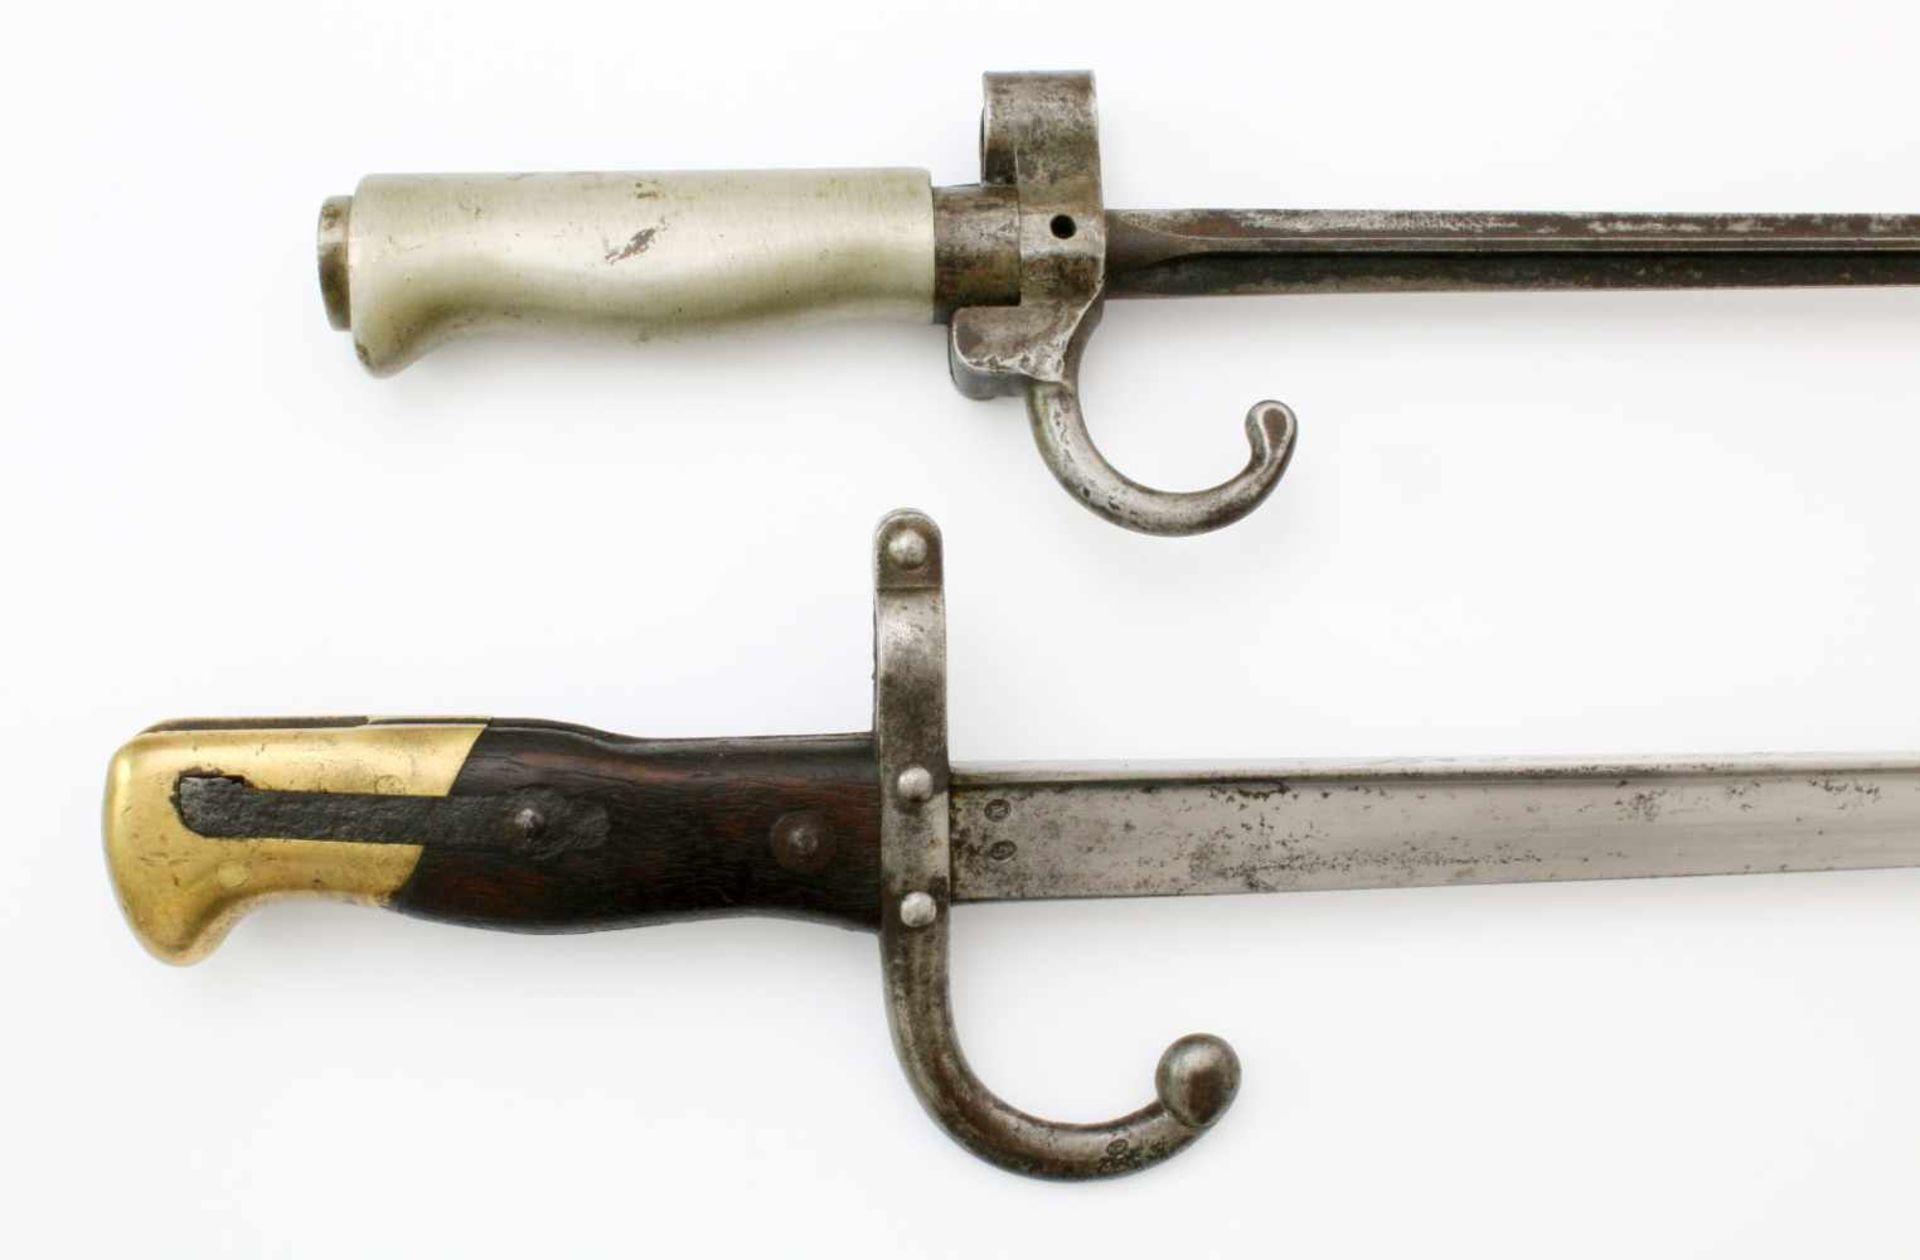 """Frankreich - 2 Bajonette1x Säbelbajonett M1874, auf Klingenrücken Herst. """"St. Etienne Juillet 1878"""". - Bild 3 aus 4"""